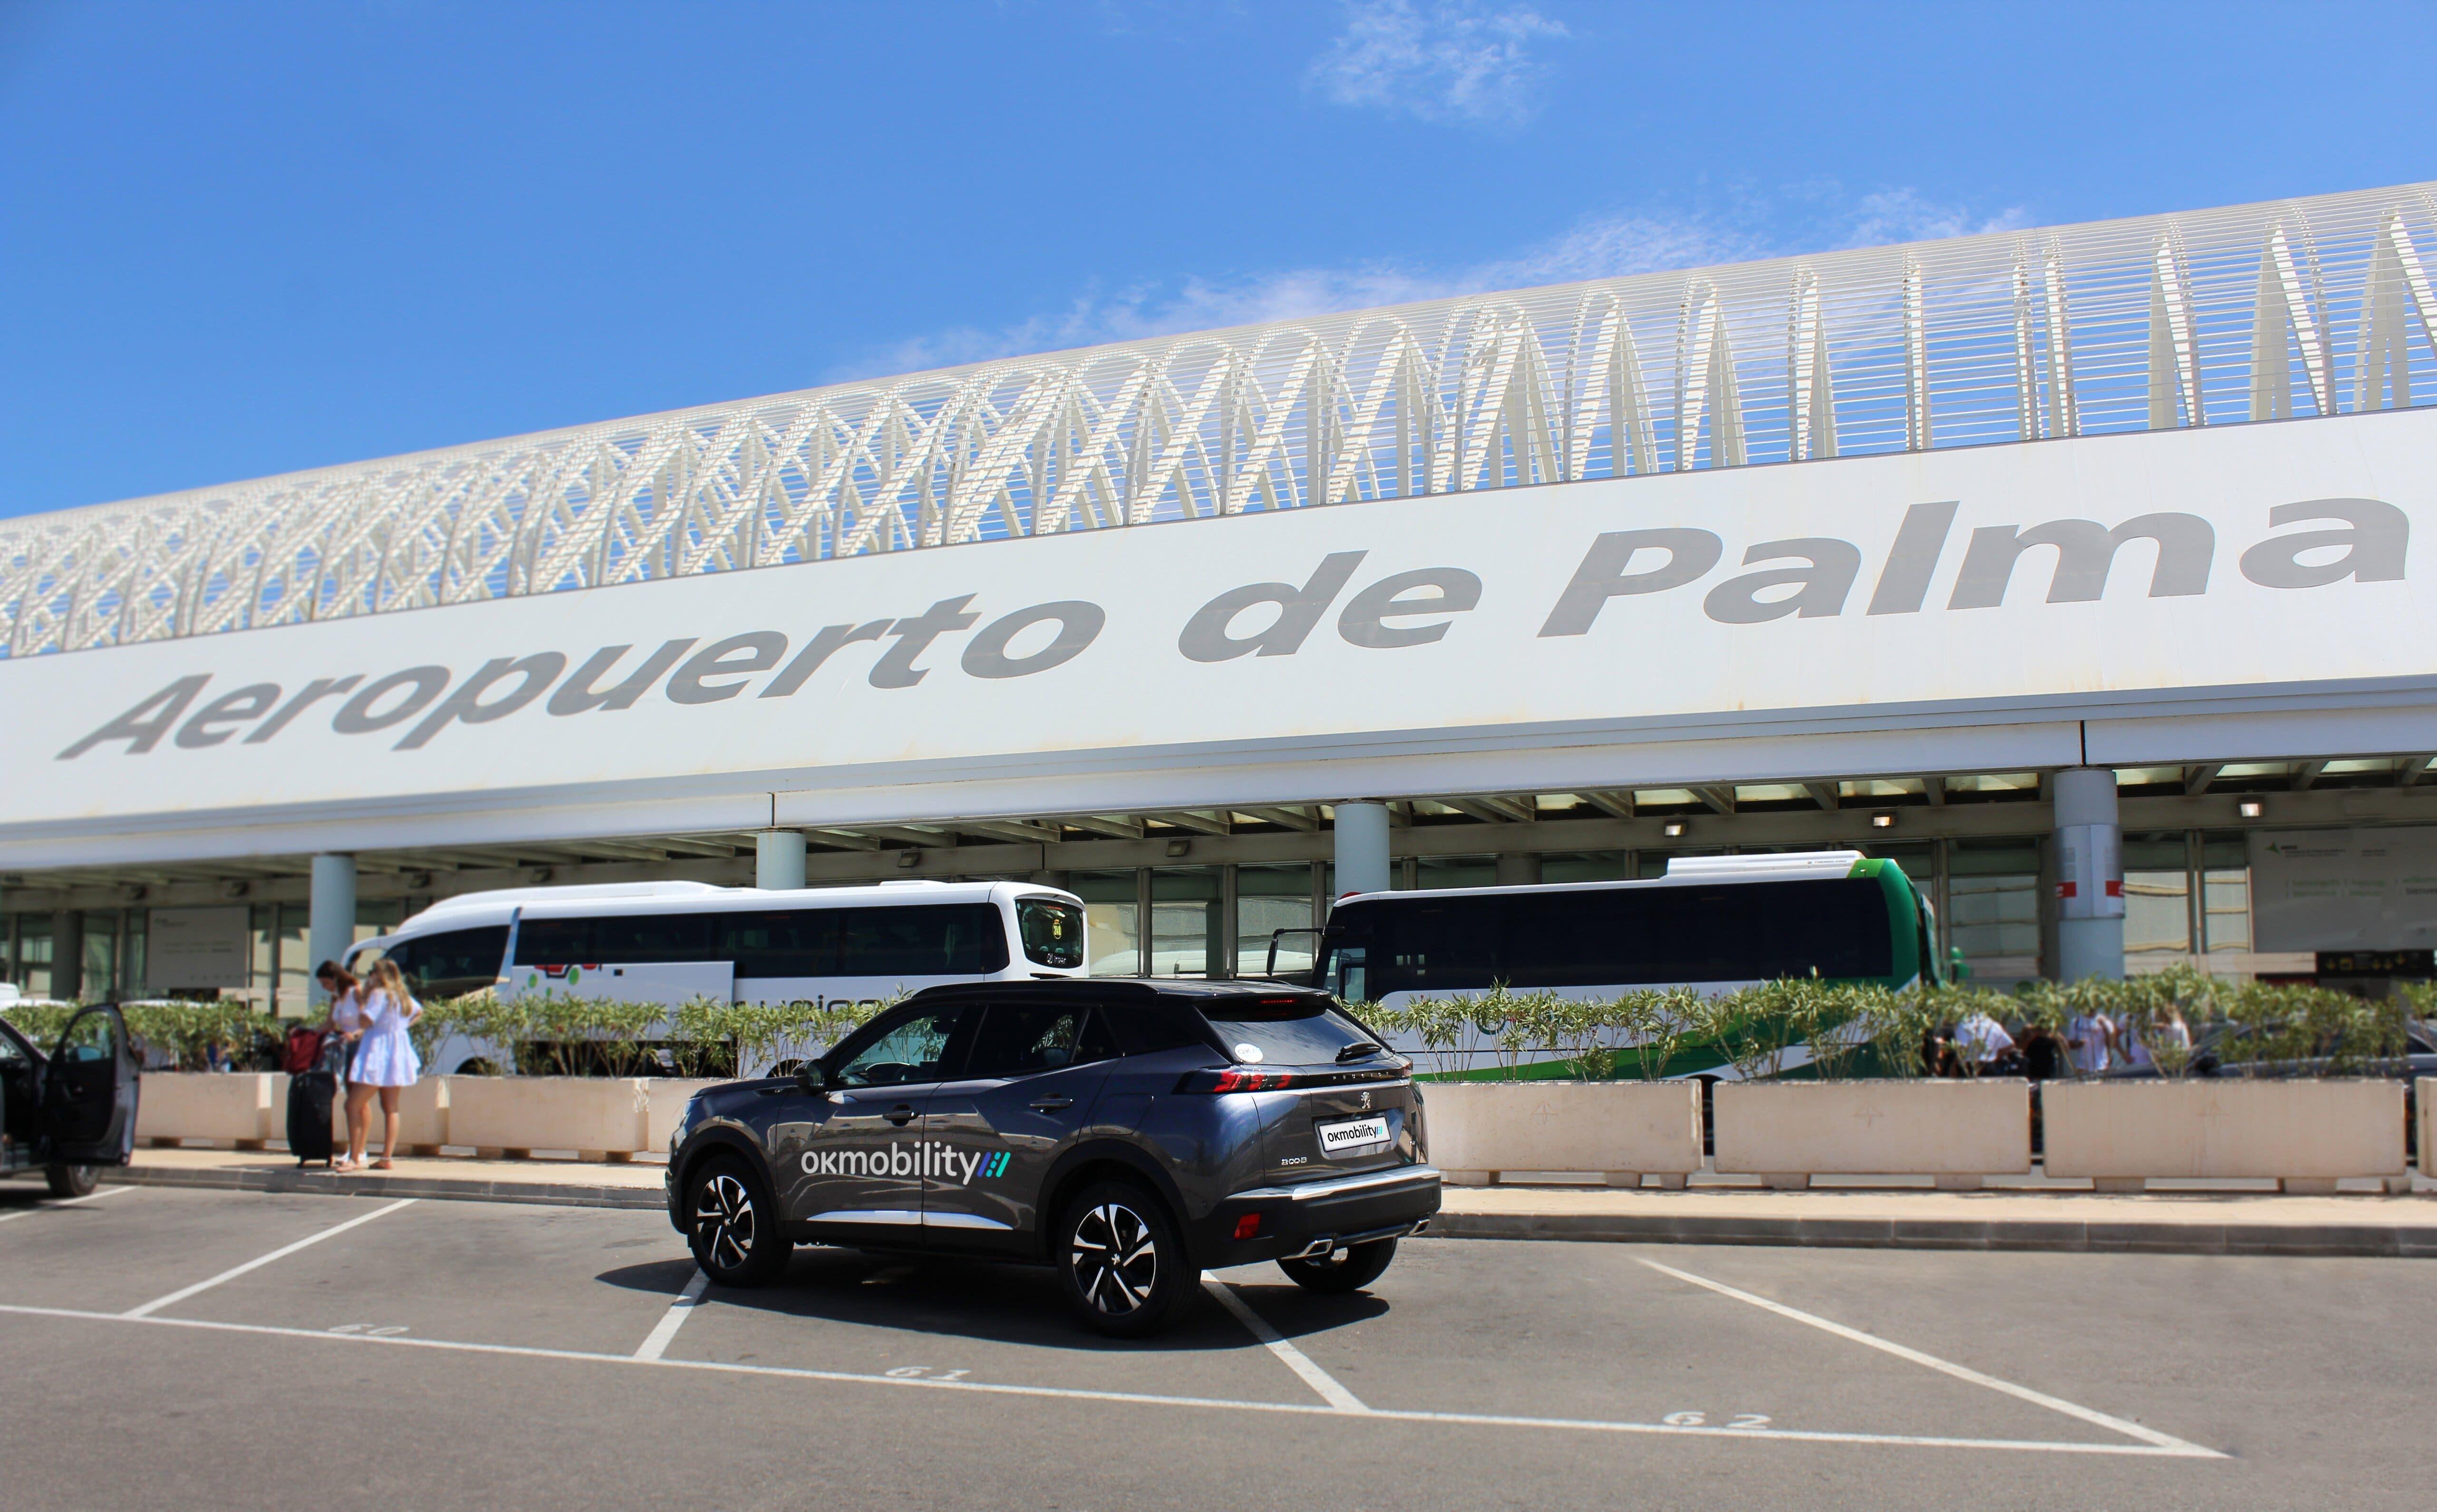 Fotografia OK Mobility Aeropuerto de Palma de Mallorca